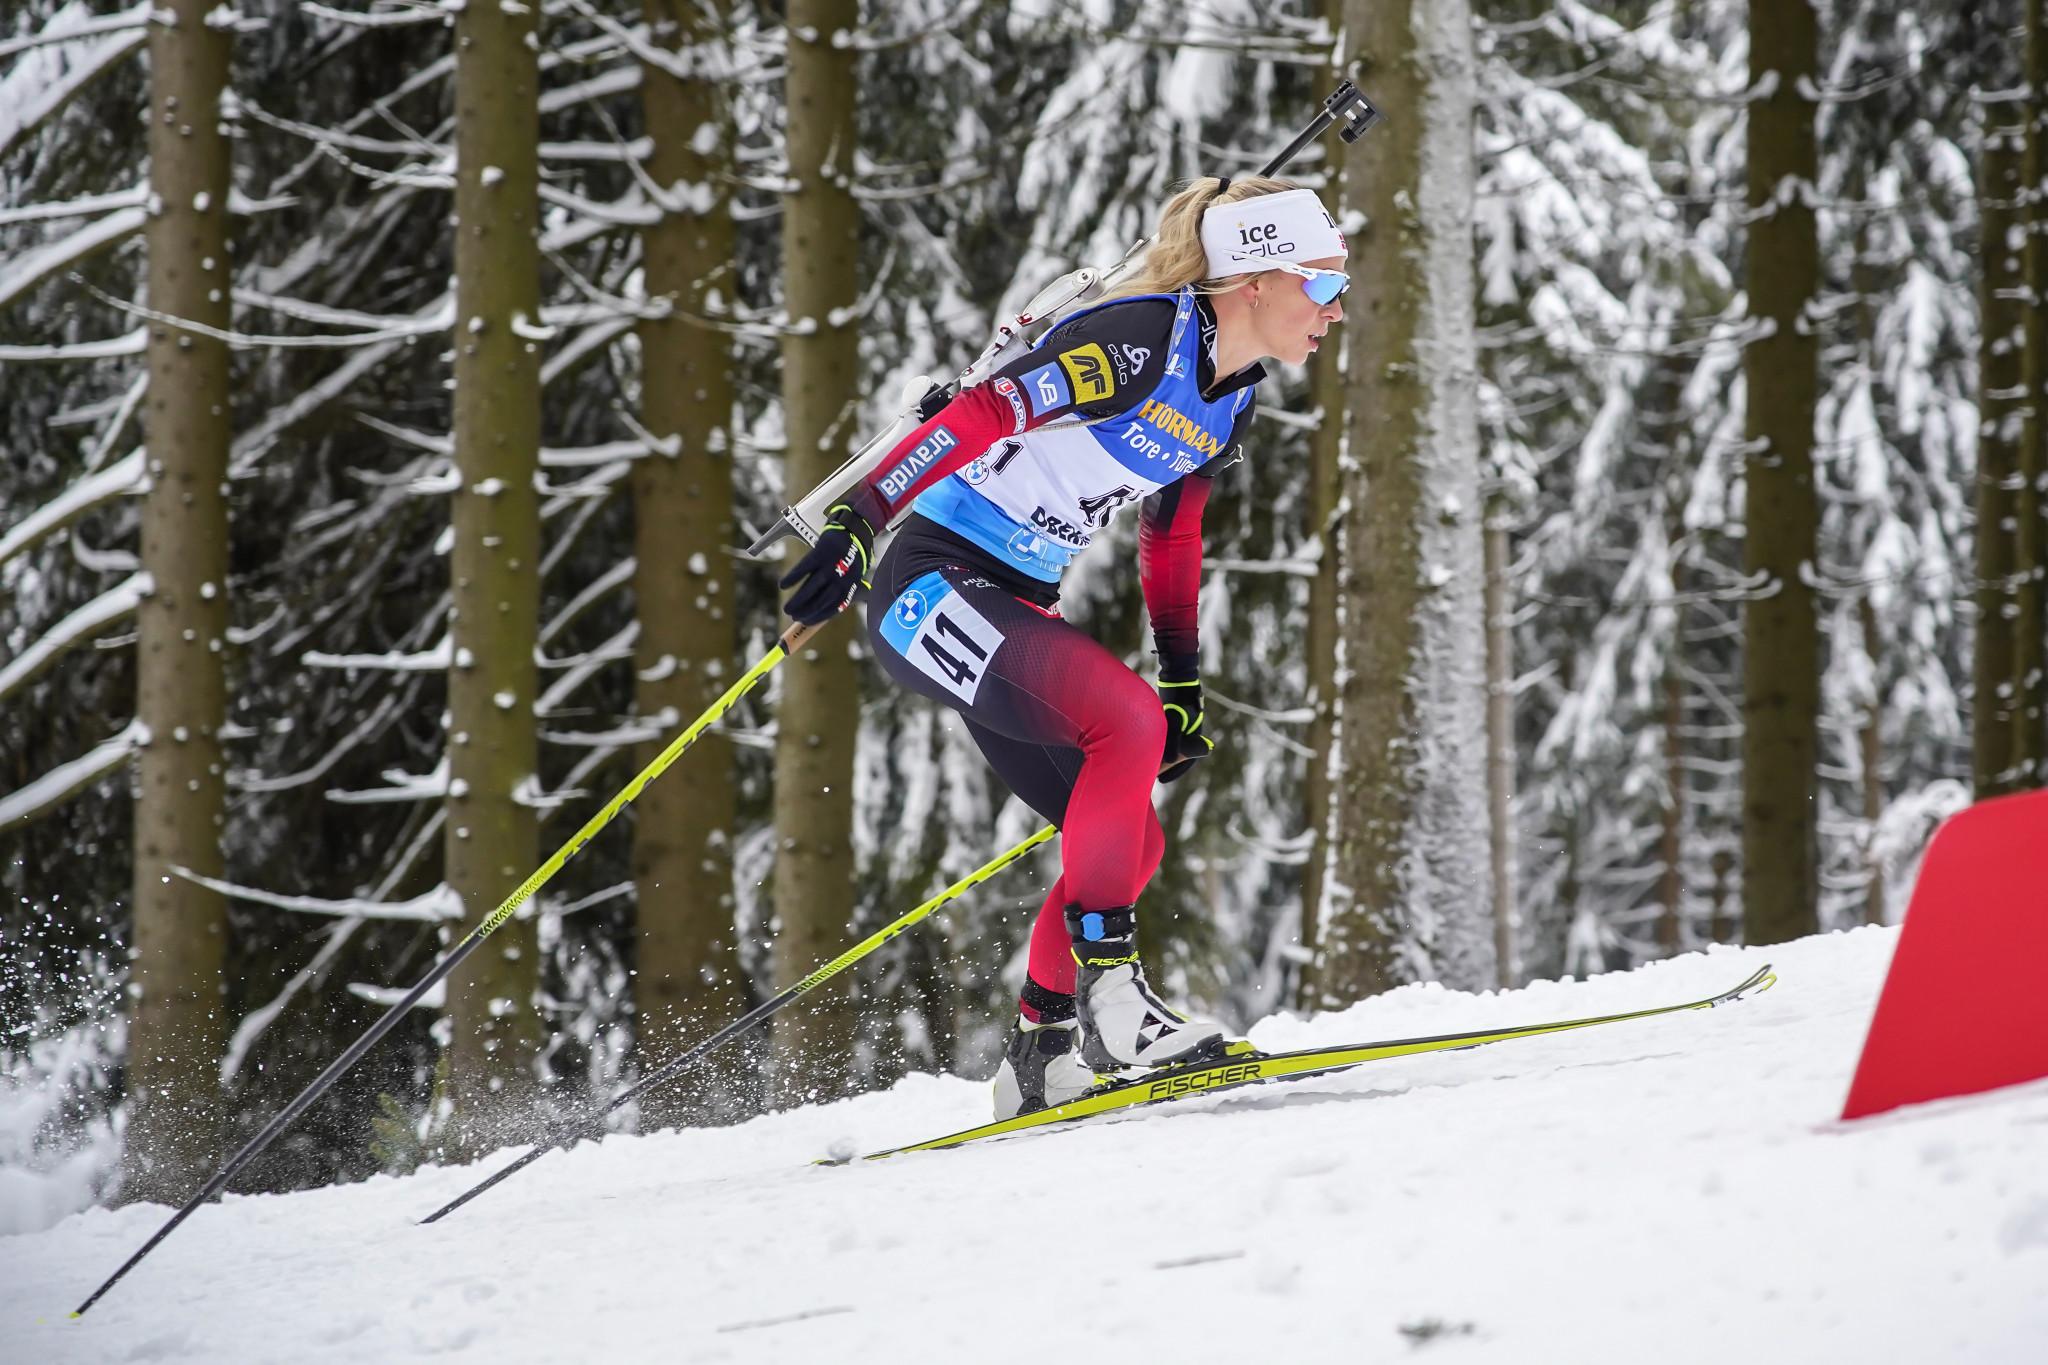 Eckhoff bidding to bounce back at IBU Biathlon World Cup in Antholz-Anterselva